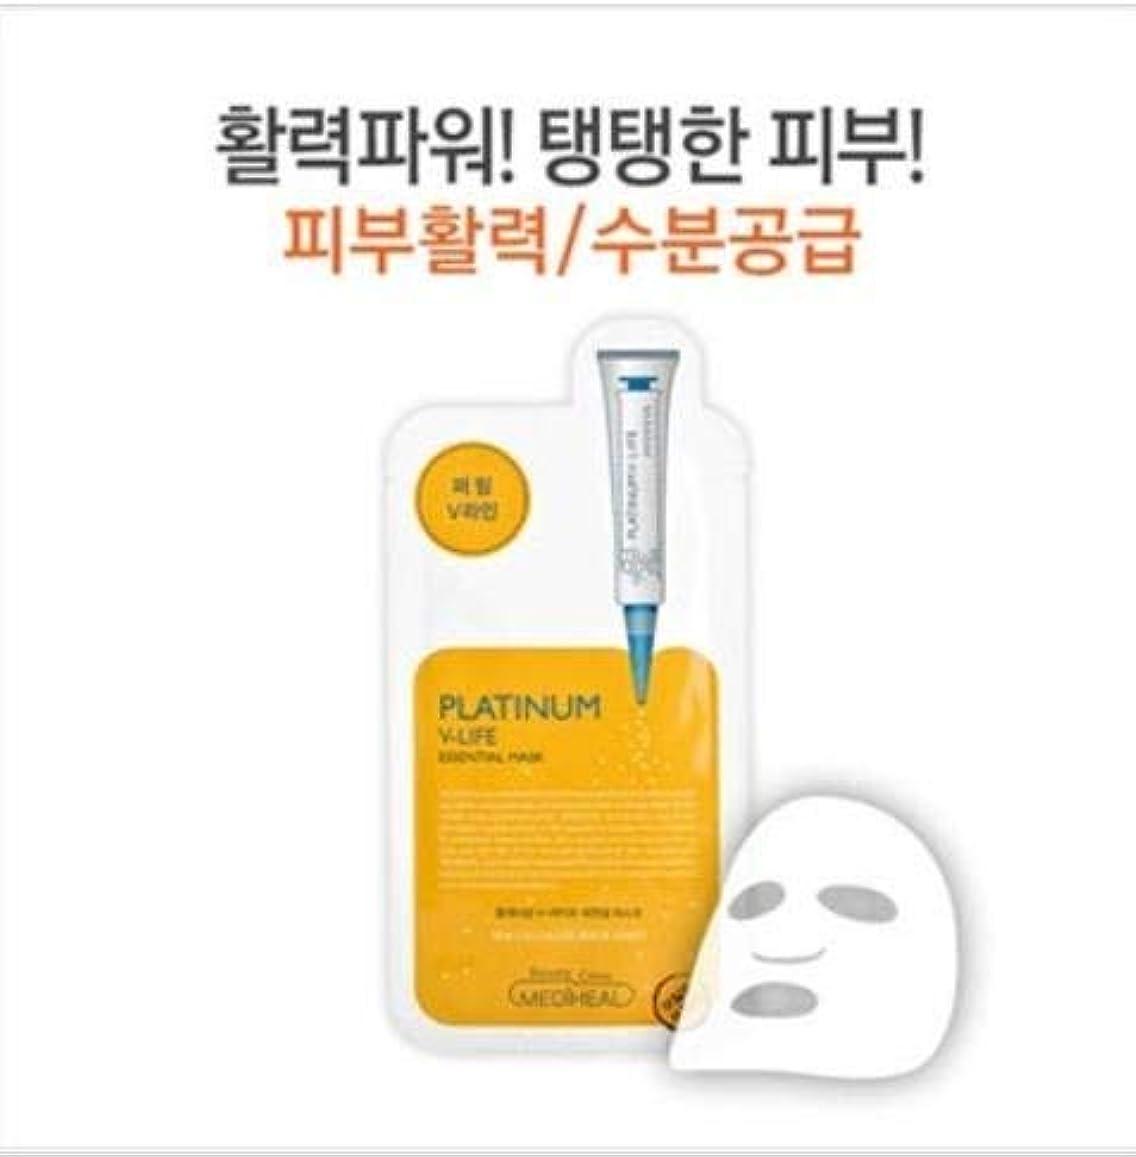 貫通動かす肩をすくめる★大人気★[メディヒール] Mediheal [プラチナ V-ライフ エッセンシャル マスク (10枚)] (Platinum V-LIFE Essential Mask (10EA) [並行輸入品]